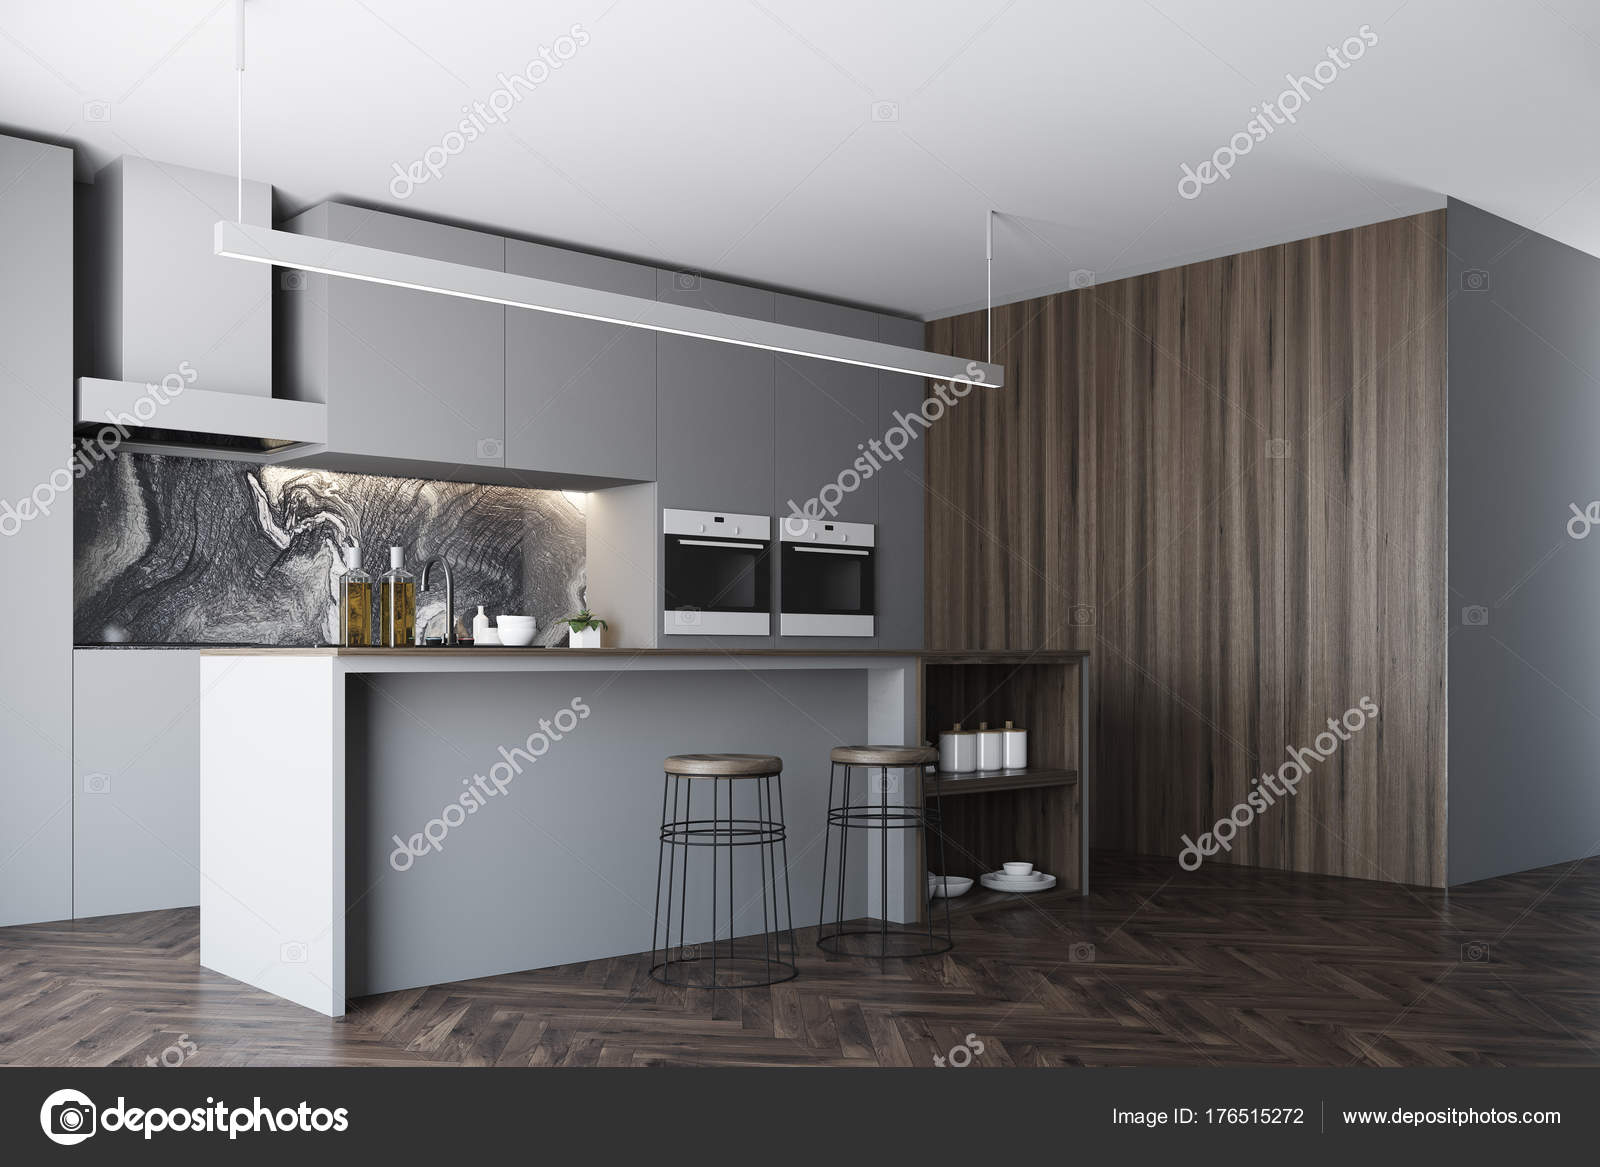 Lato cucina bar e finestra grigio scuro u foto stock